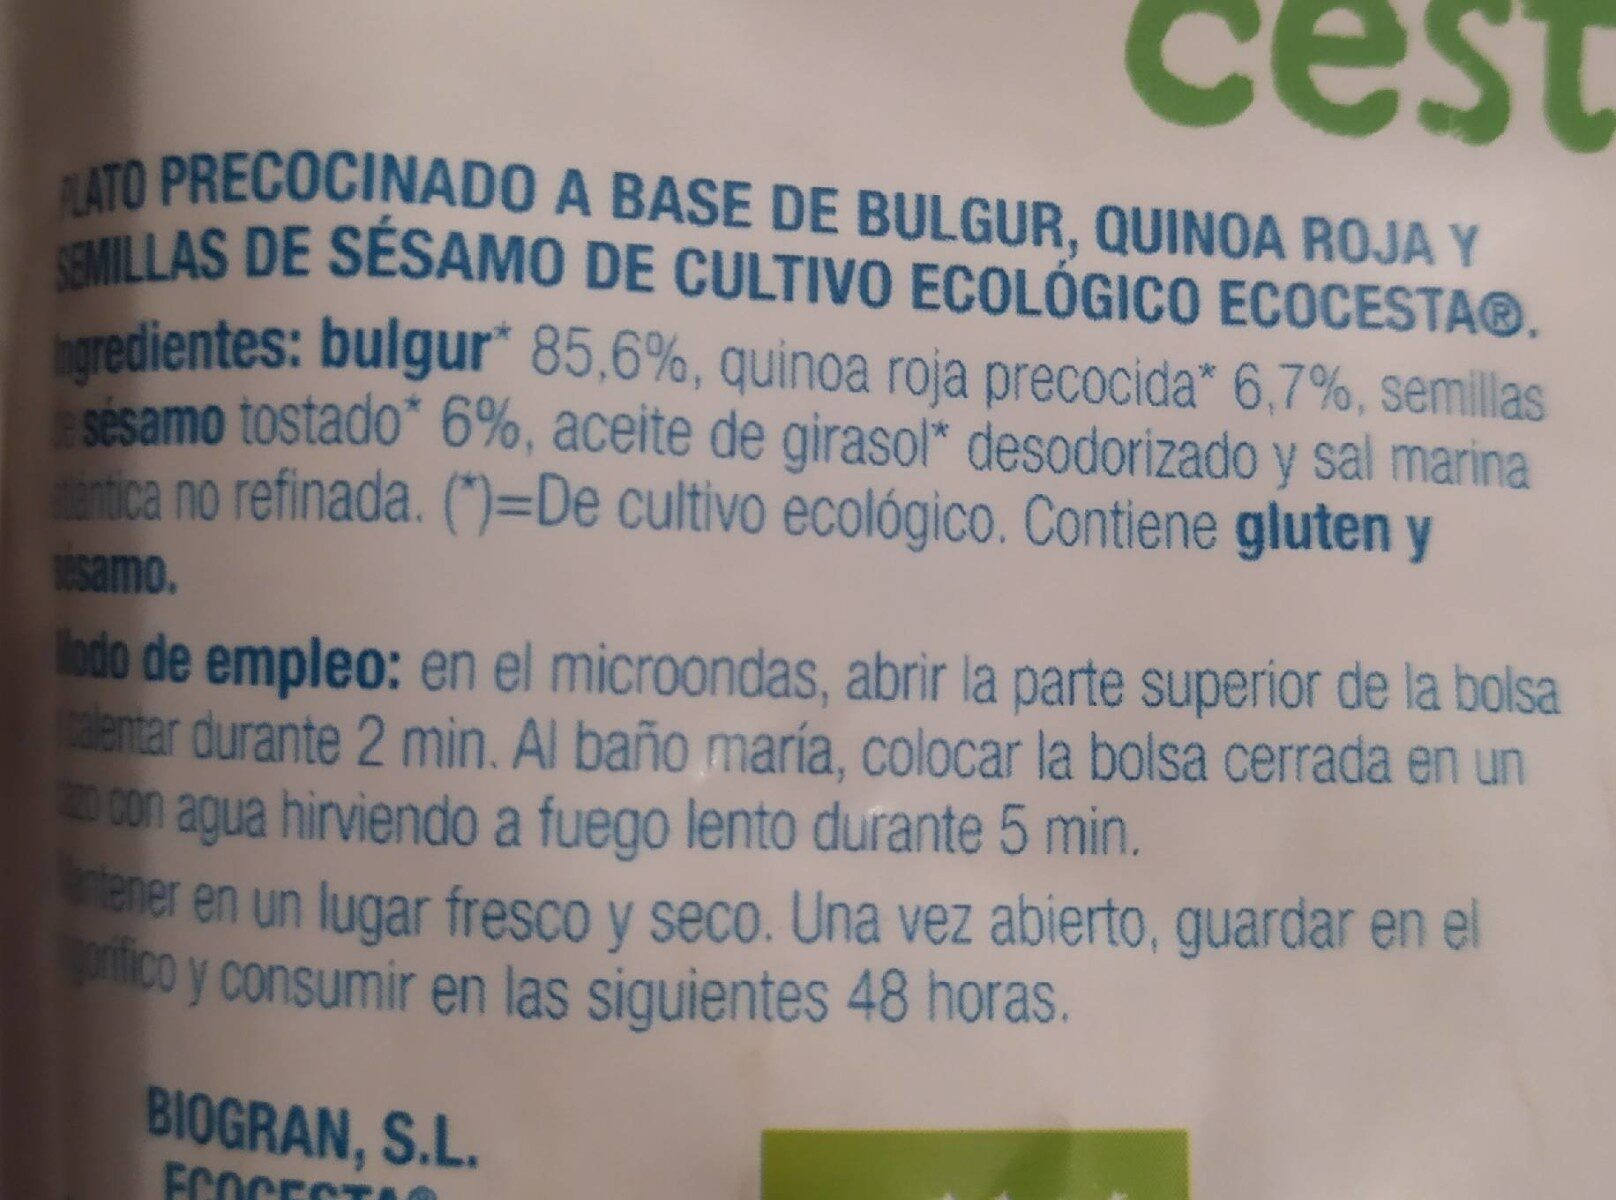 Bulgur, quinoa roja y semillas de sésamo - Nutrition facts - es